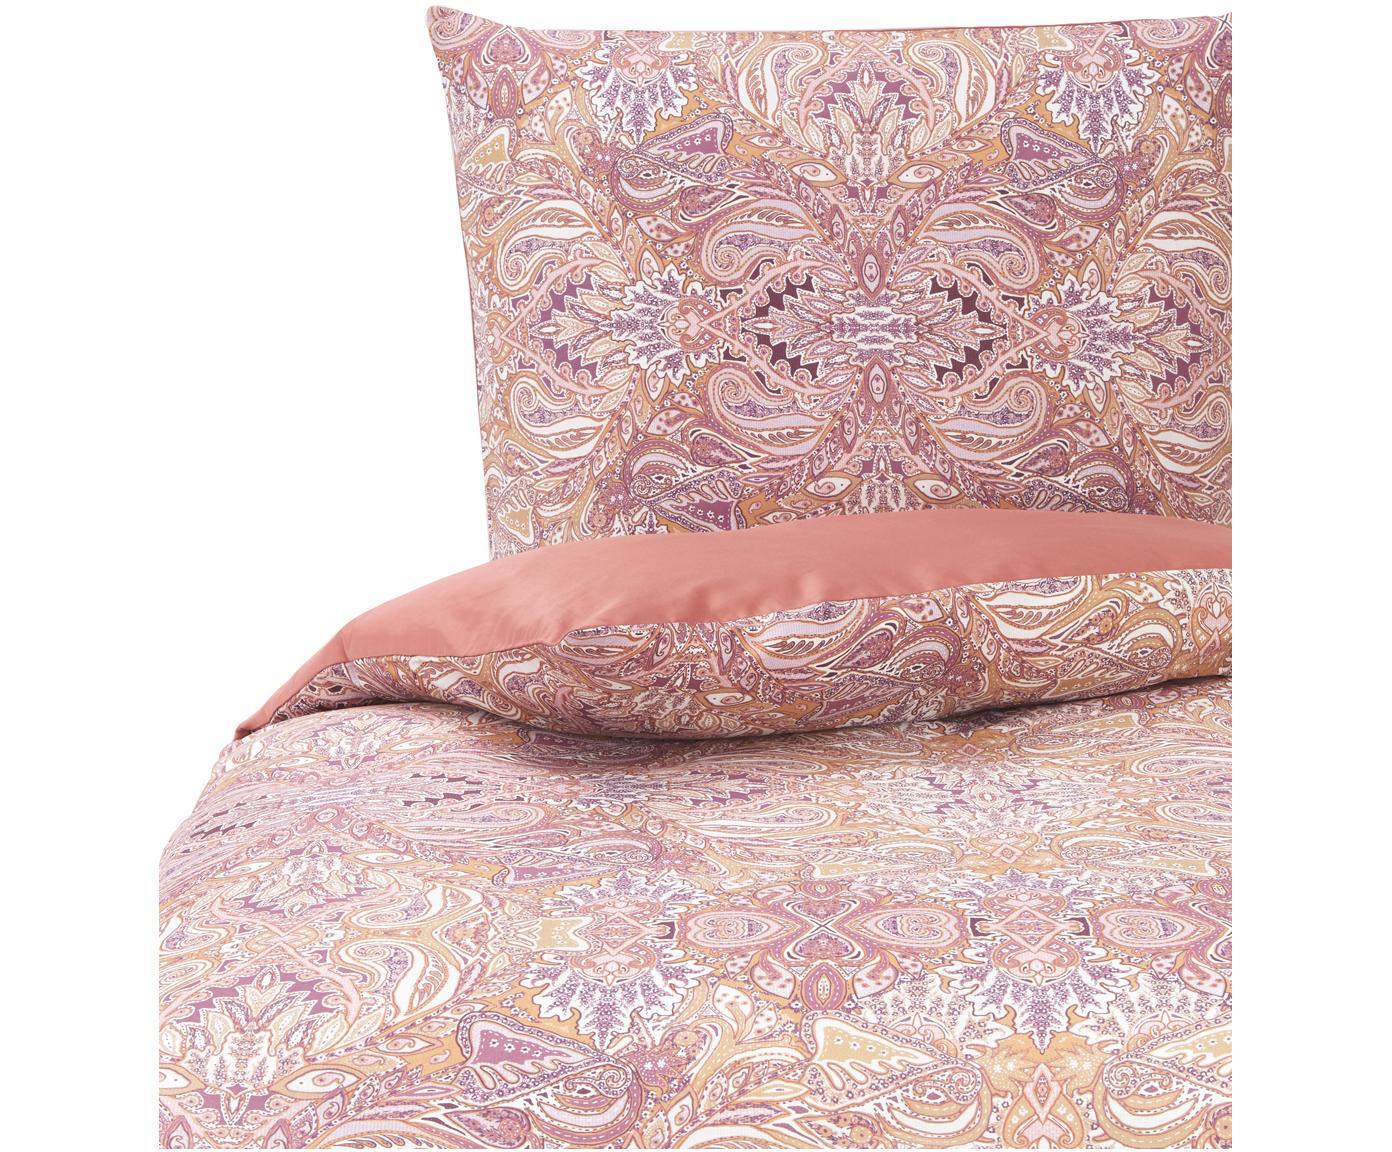 Baumwollsatin-Bettwäsche Boheme, Webart: Satin Fadendichte 200 TC,, Rosa- und Lilatöne, Orange, Weiß, 135 x 200 cm + 1 Kissen 80 x 80 cm